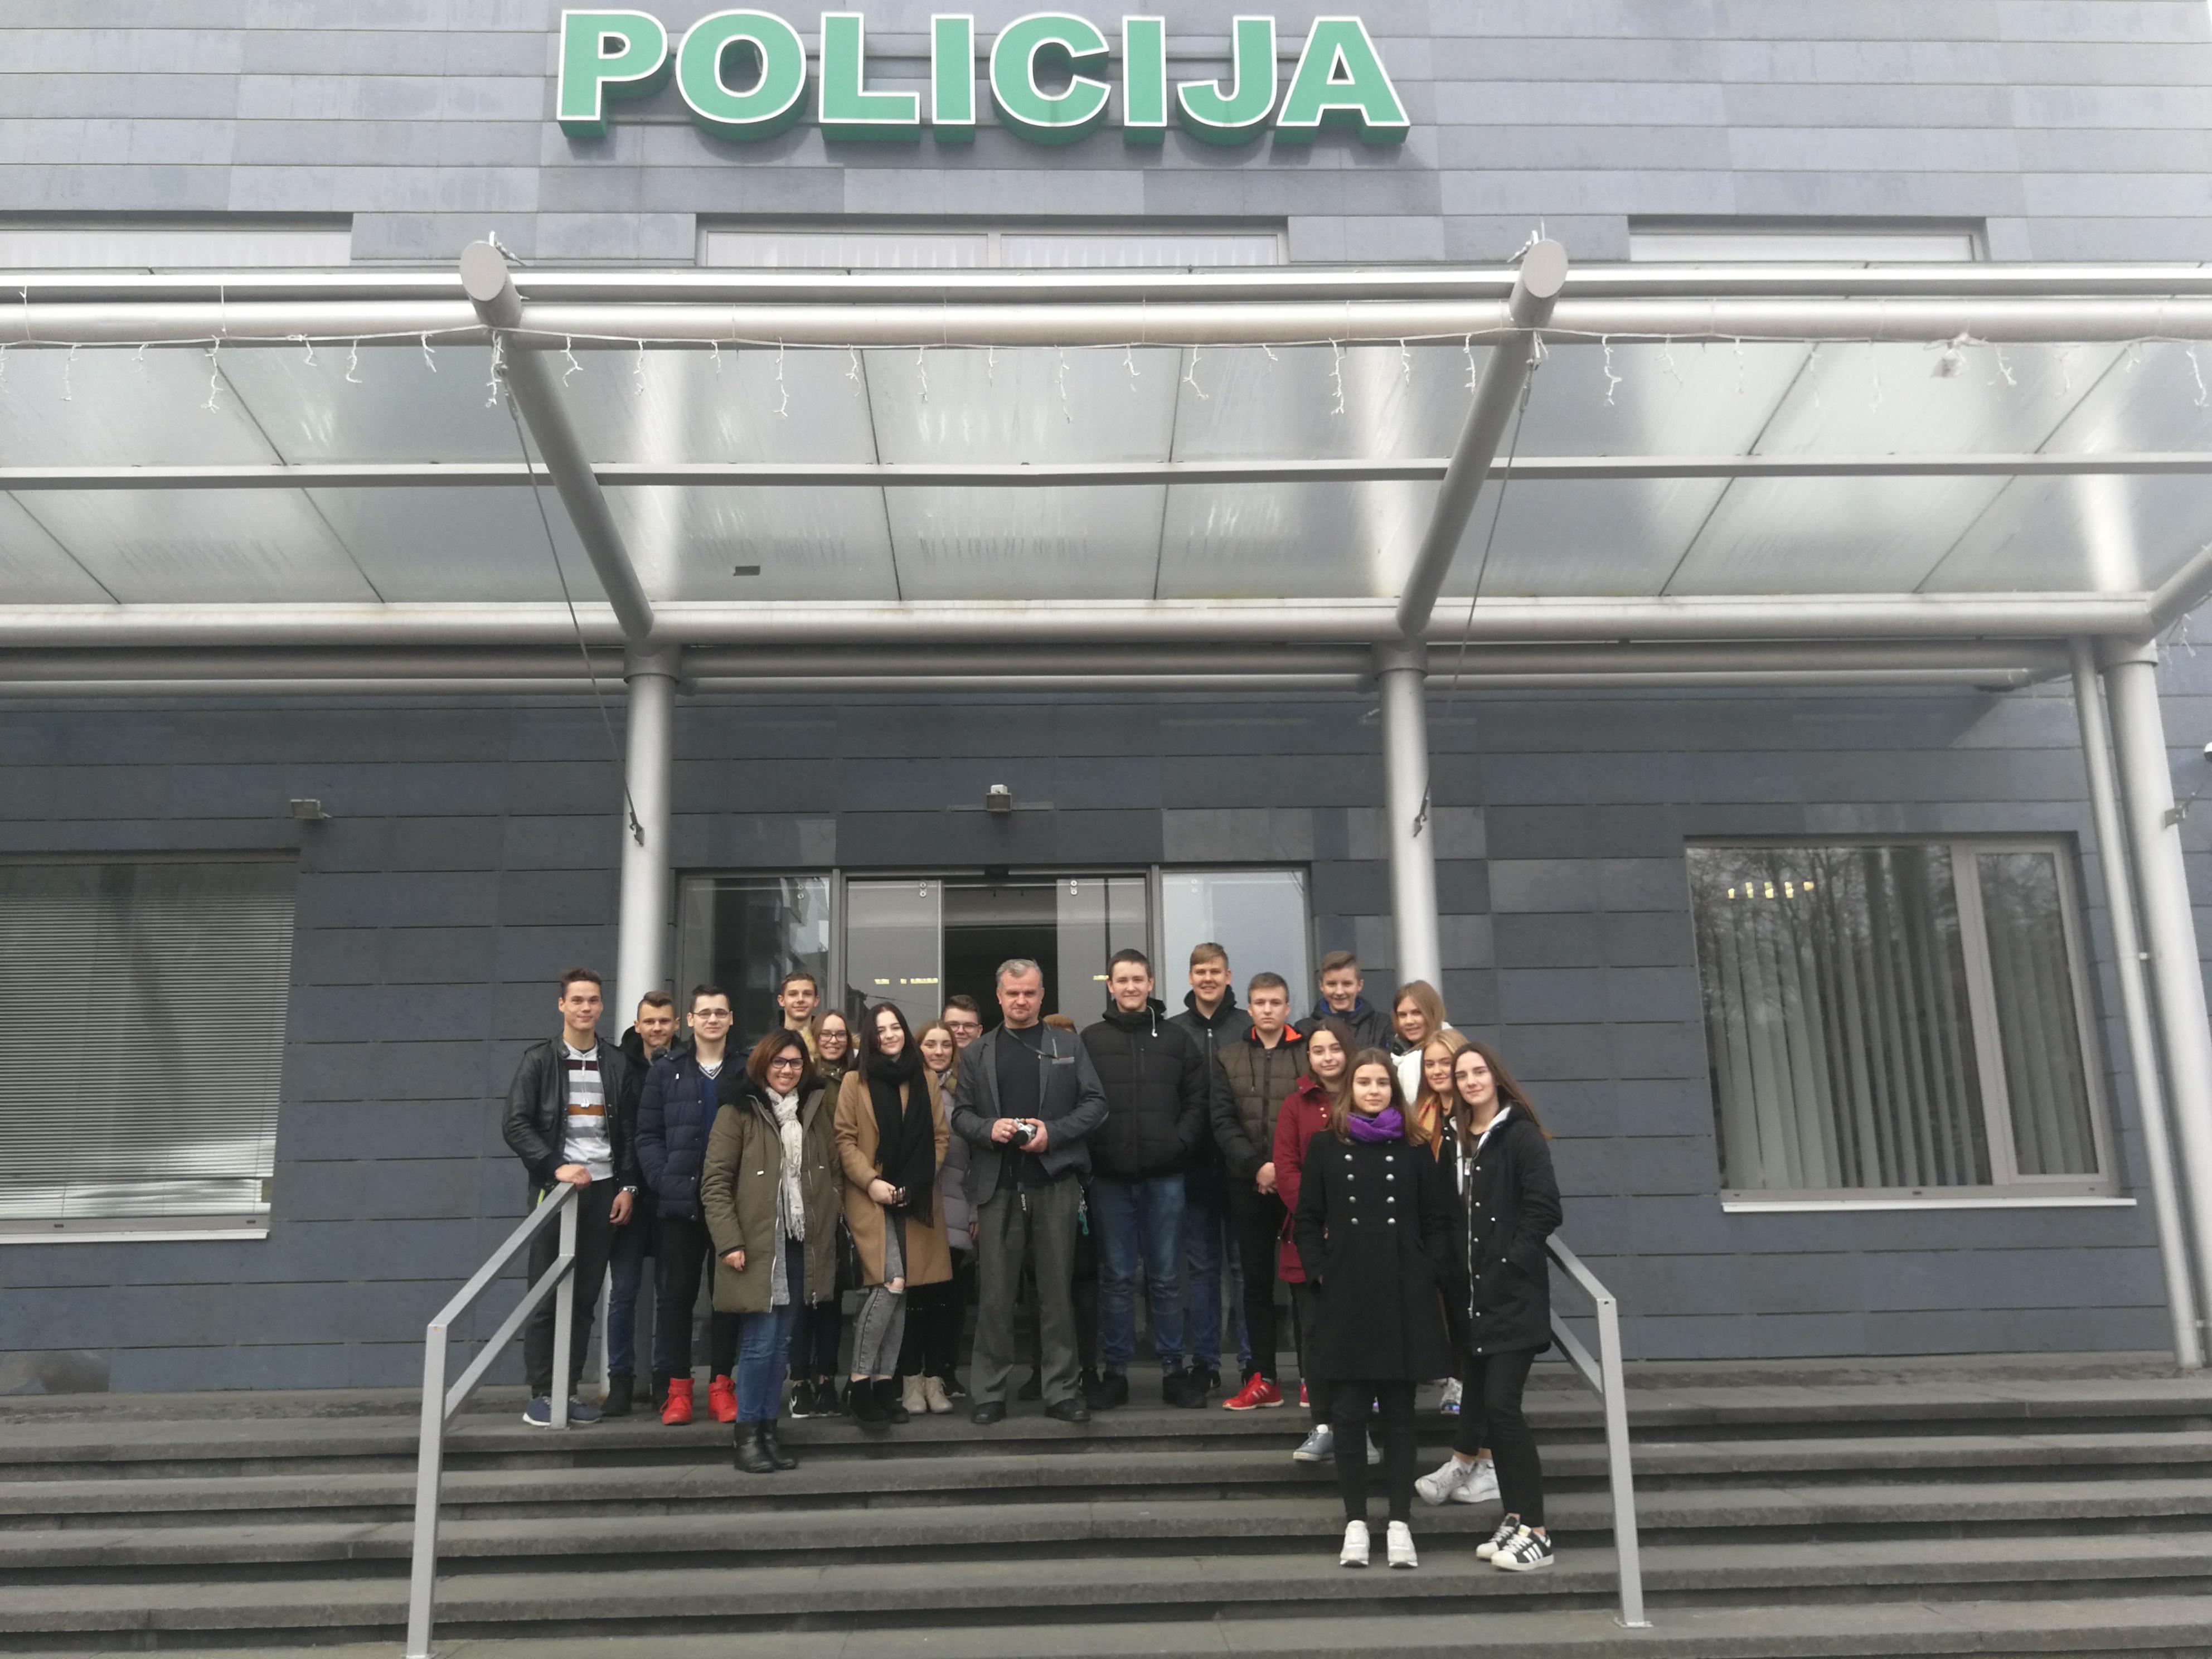 Mickūnų gimnazijos JPB nariai lankėsi Vilniaus apskrities policijos komisariate